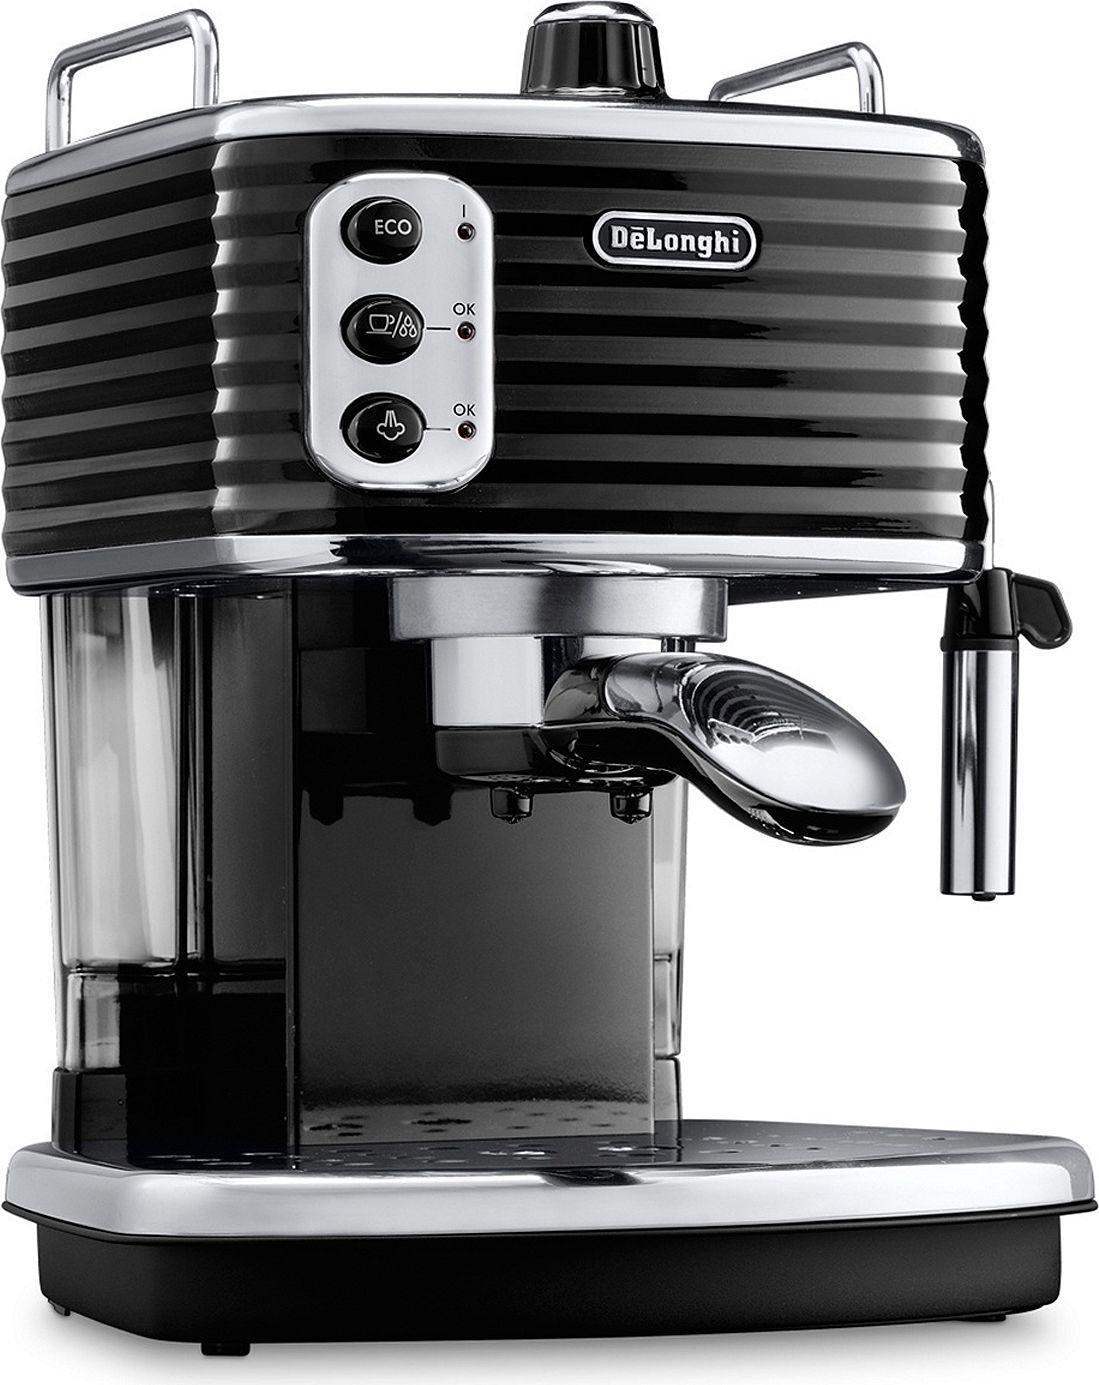 delonghi-ecz351blk-scultura-espresso-machine-black